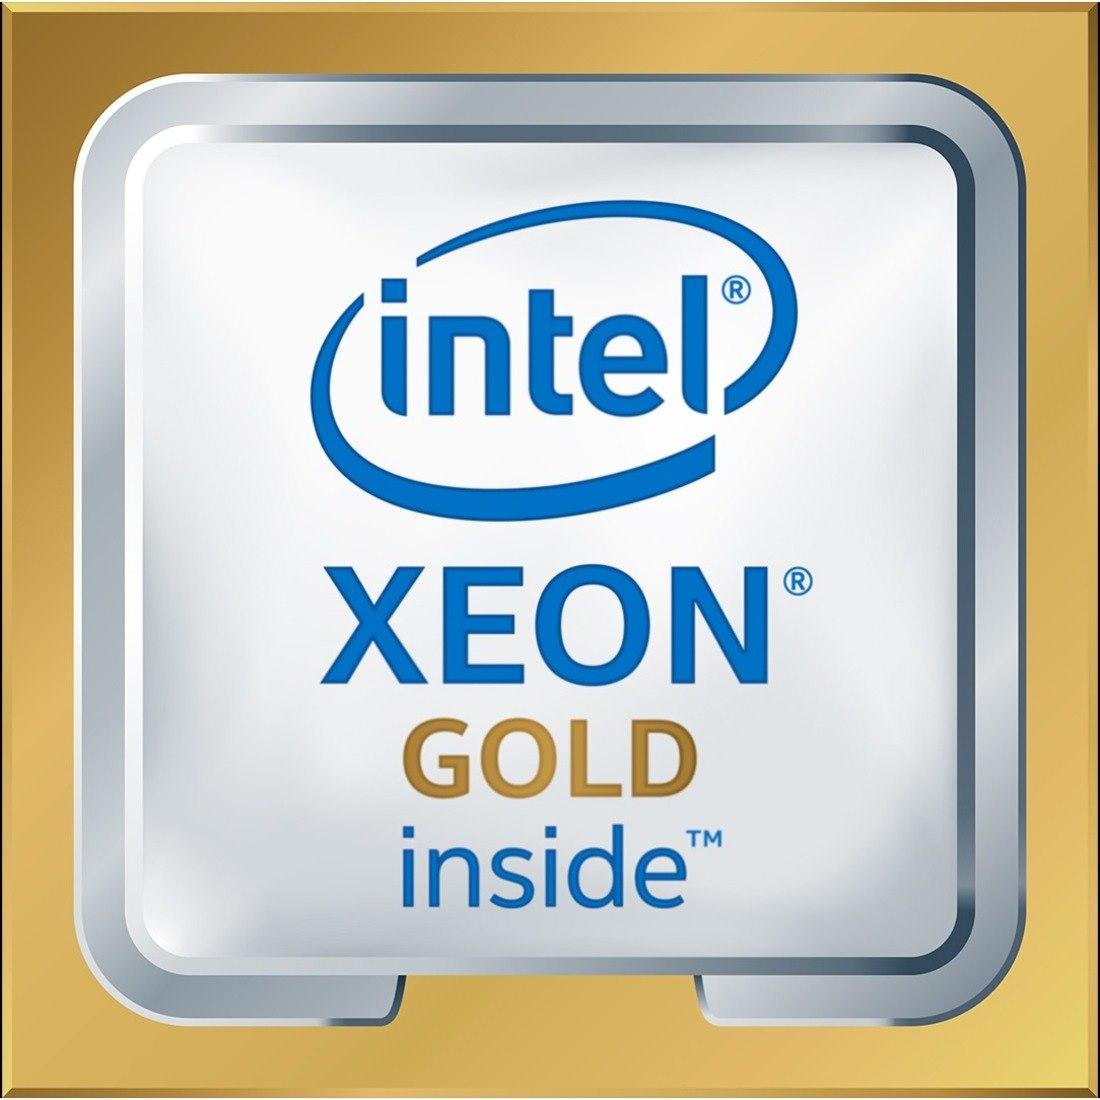 HPE Intel Xeon Gold 6248 Icosa-core (20 Core) 2.50 GHz Processor Upgrade